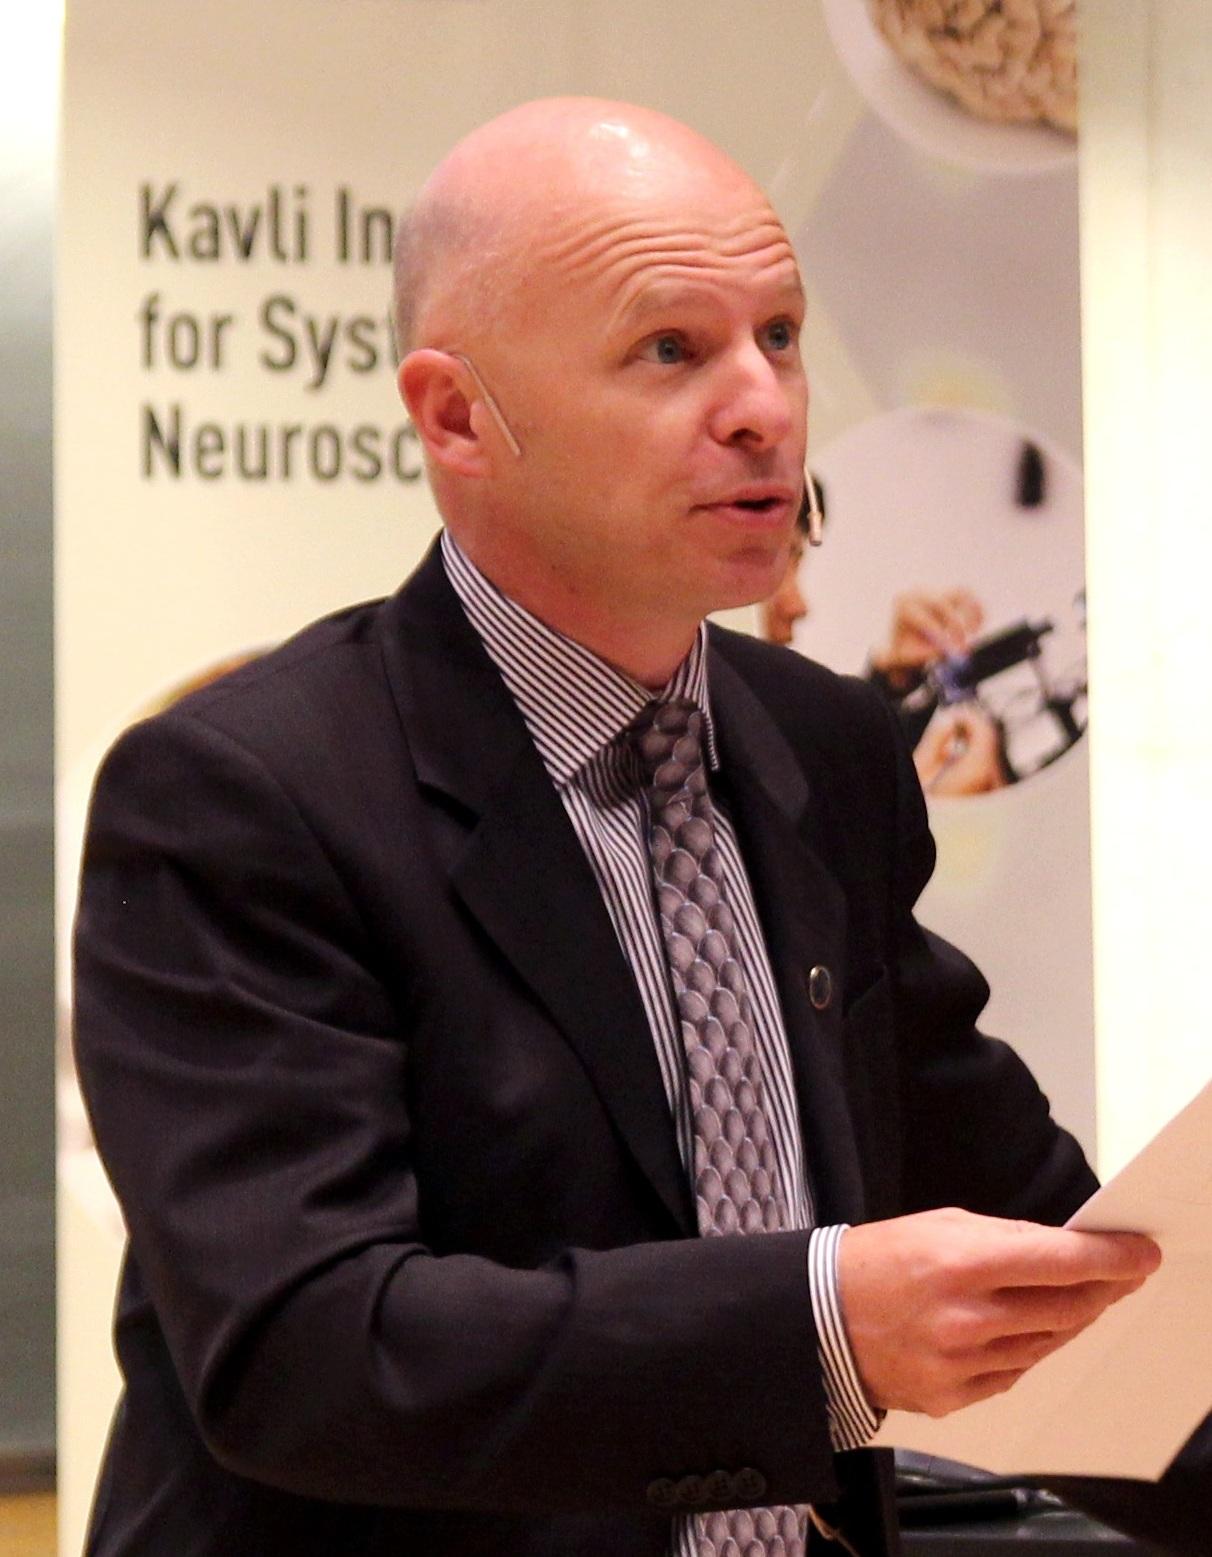 Stanislas Dehaene in 2014